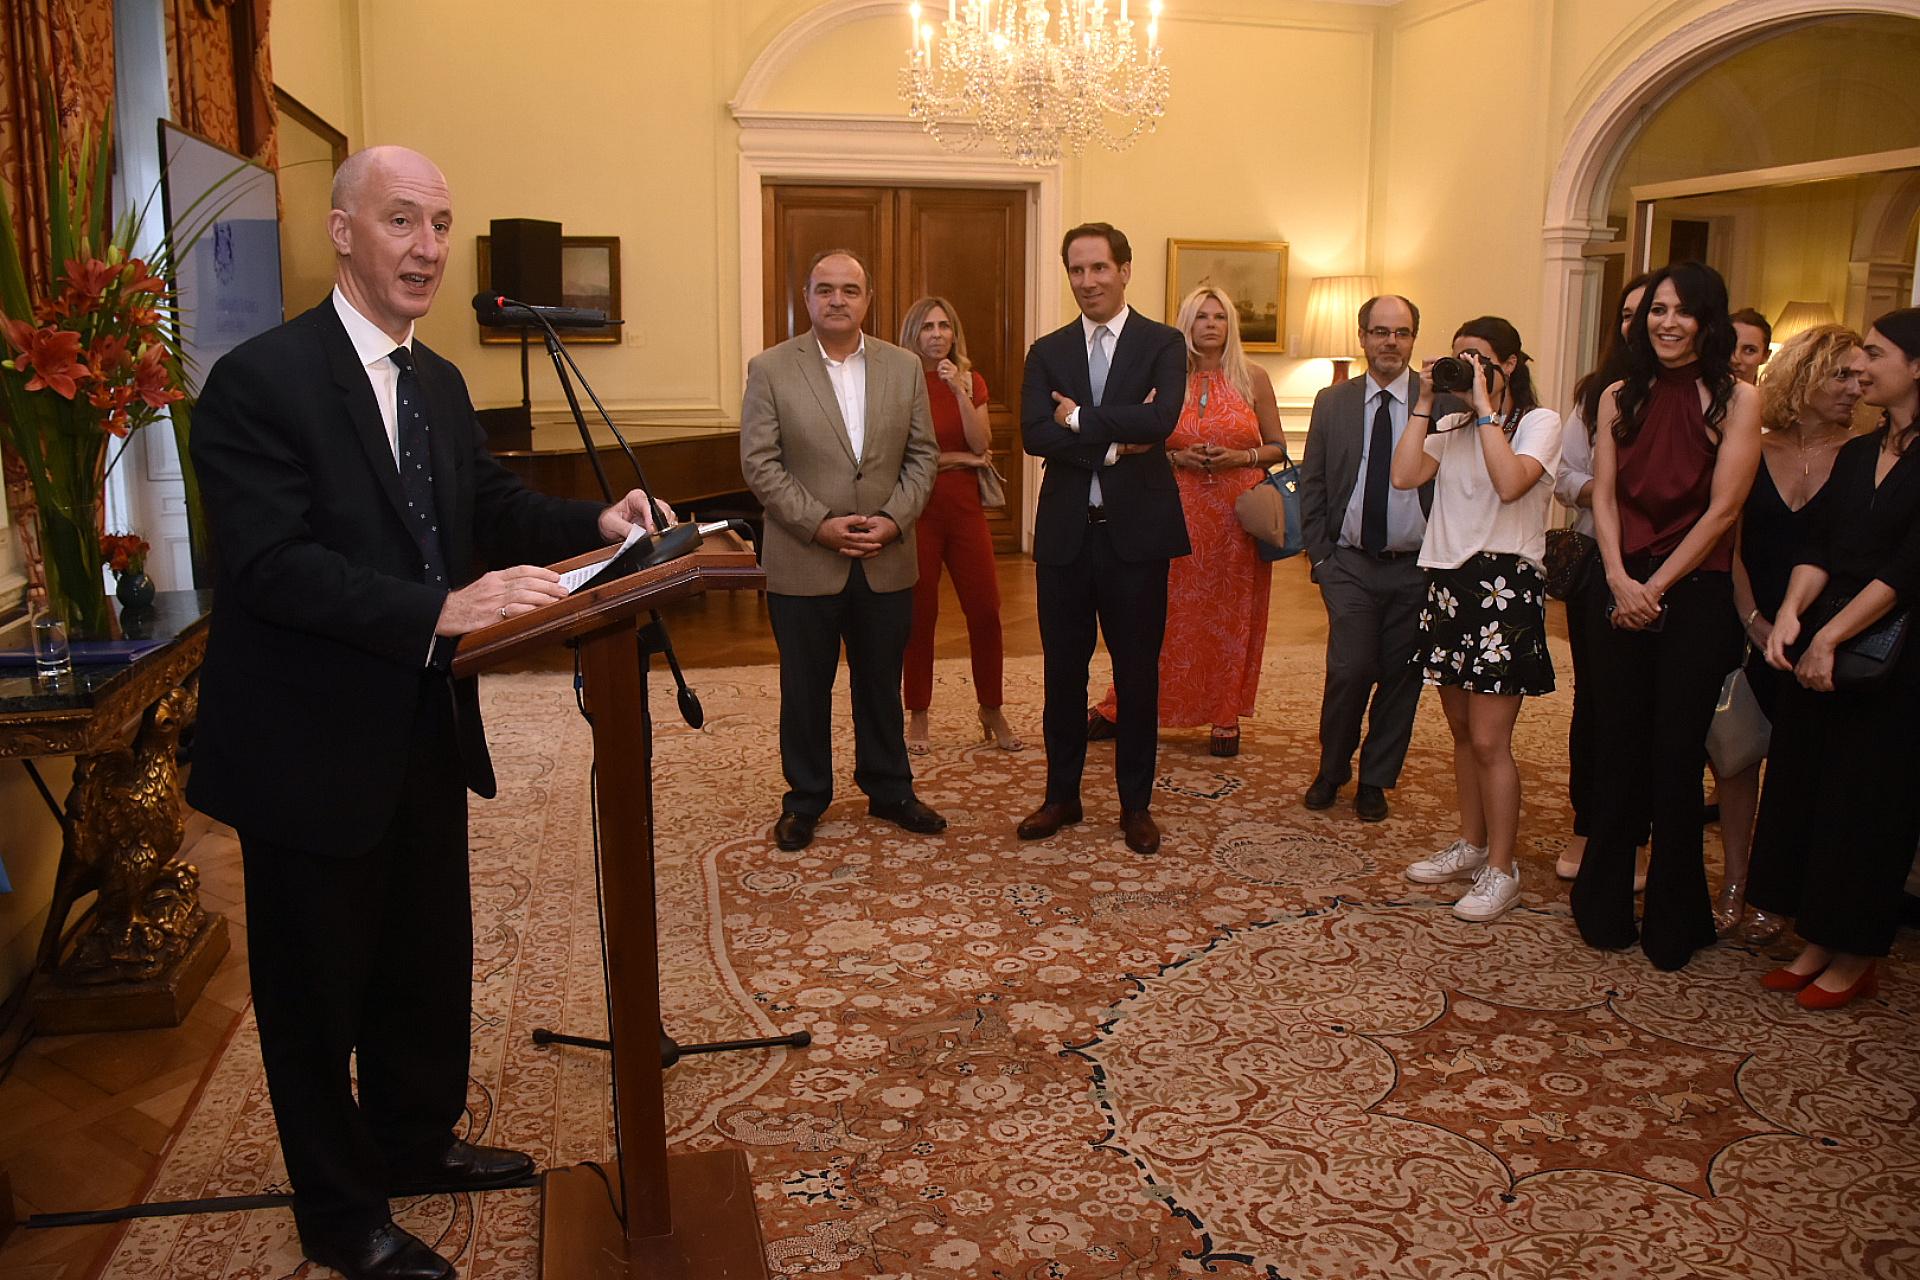 El embajador británico Mark Kent abrió las puertas de su Residencia para la presentación de Infinity Hill, la productora con sedes en Los Ángeles, Londres y Buenos Aires de Cindy Teperman, Axel Kuschevatzky y Phin Glynn